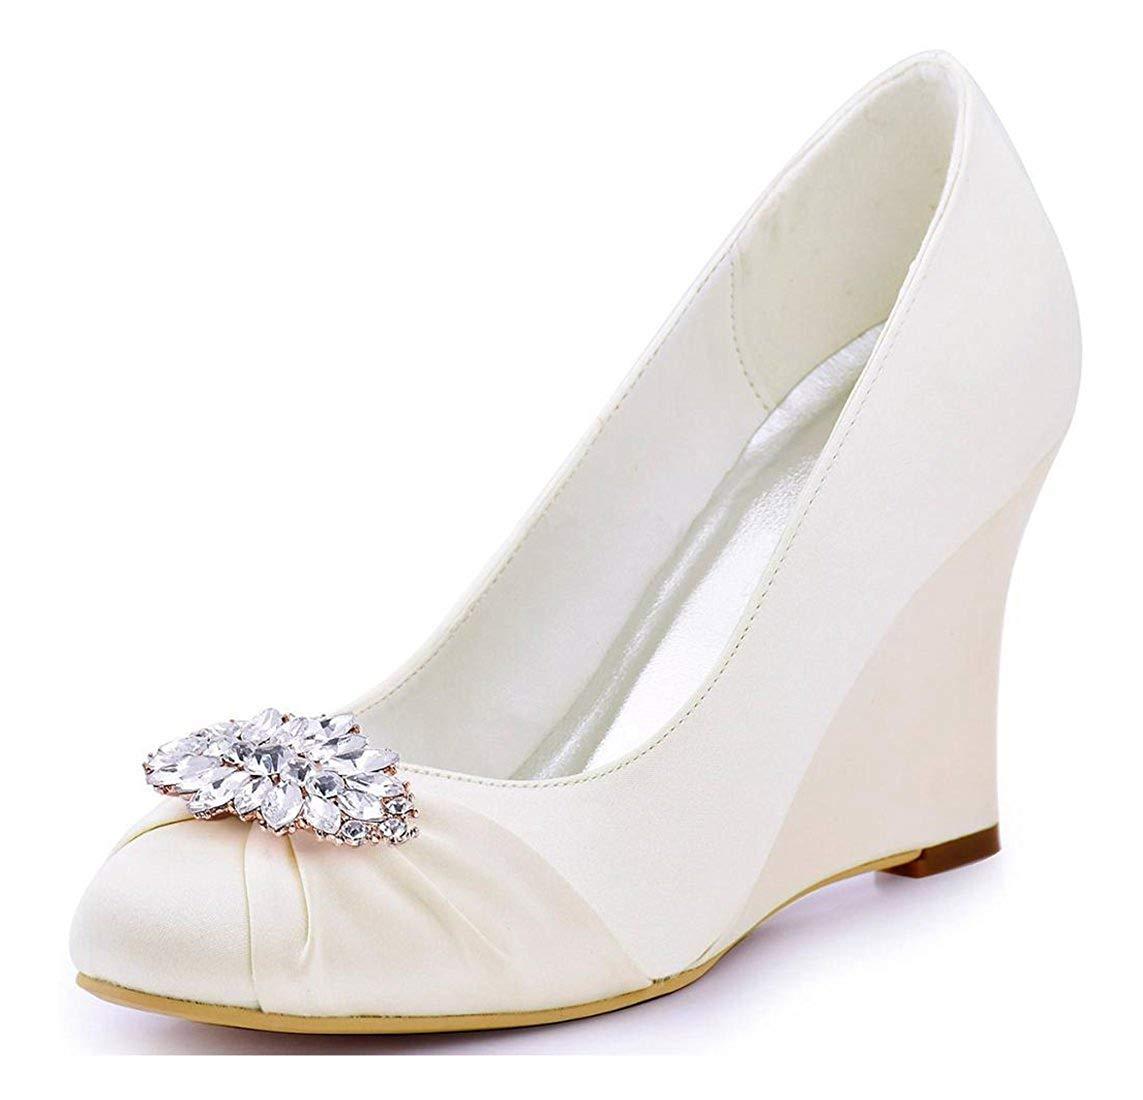 HhGold Damen Klassische Mandel Toe Wedge High Heel Elfenbein Satin Braut Hochzeit Pumps UK 2.5 (Farbe   -, Größe   -)